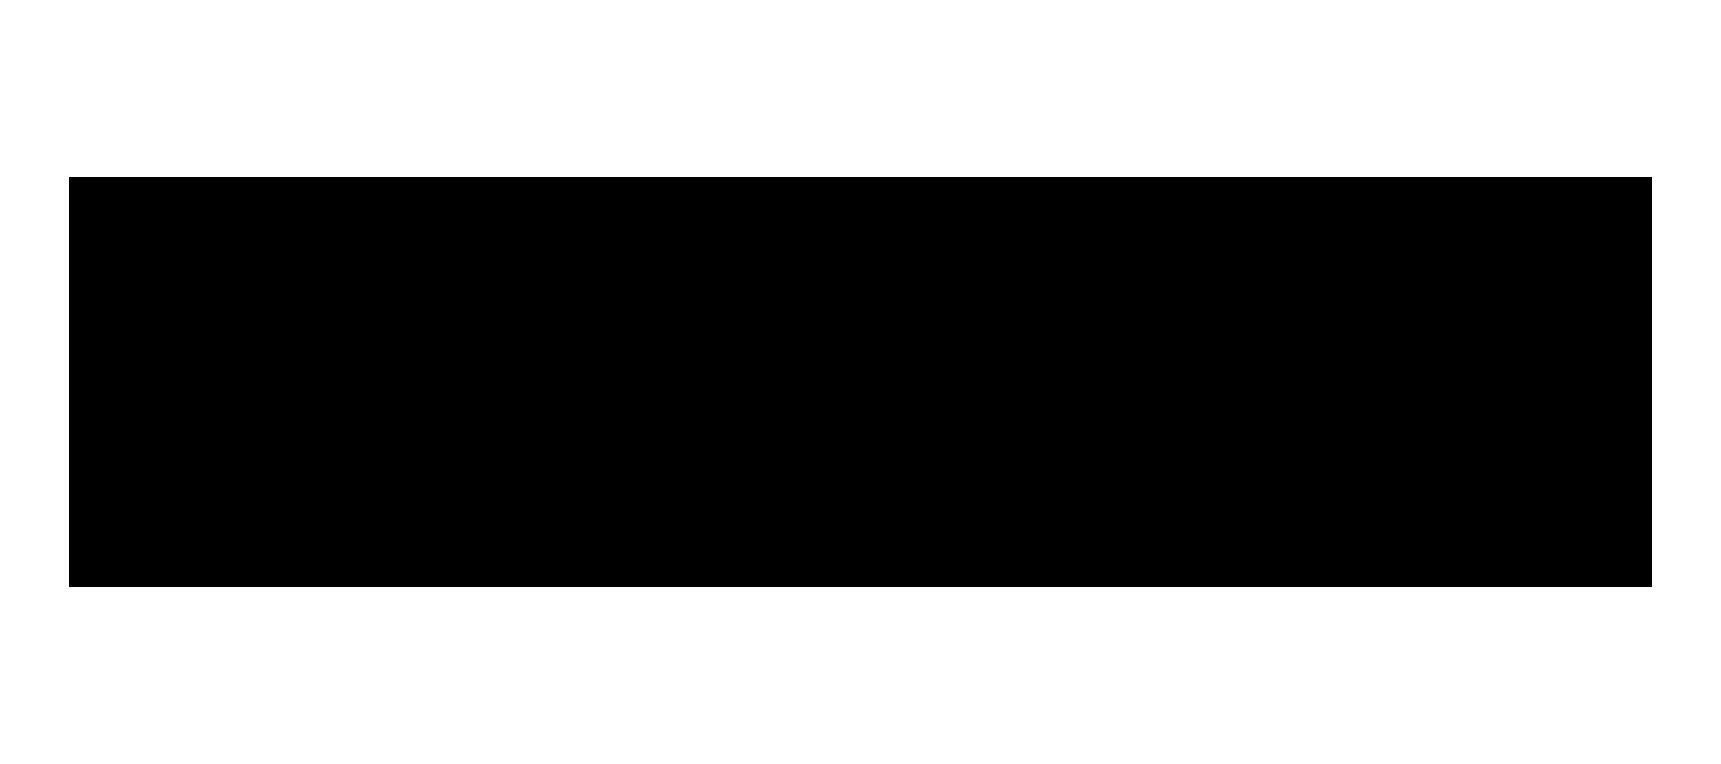 Octoa